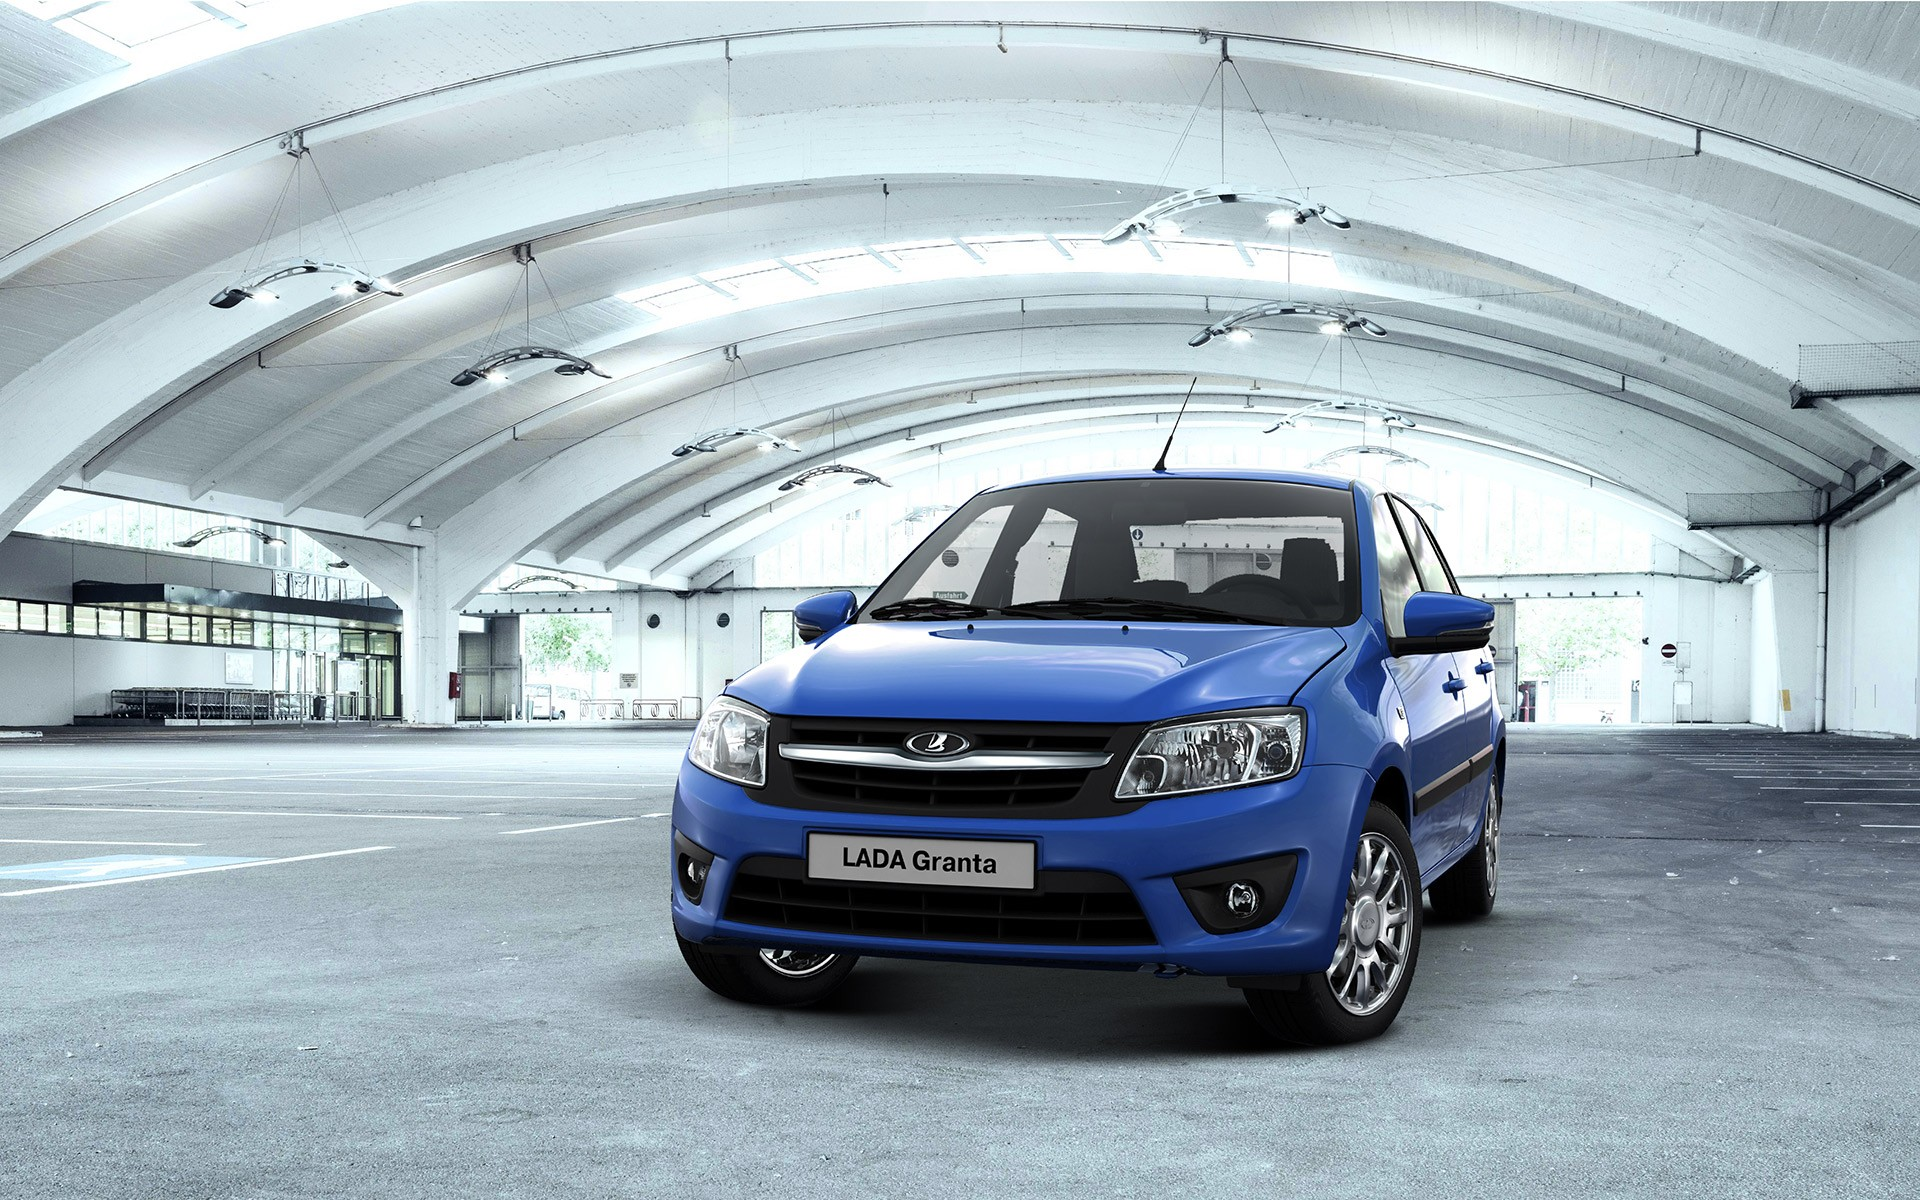 Лада занимает 40% продаж авто сектора B в Российской Федерации